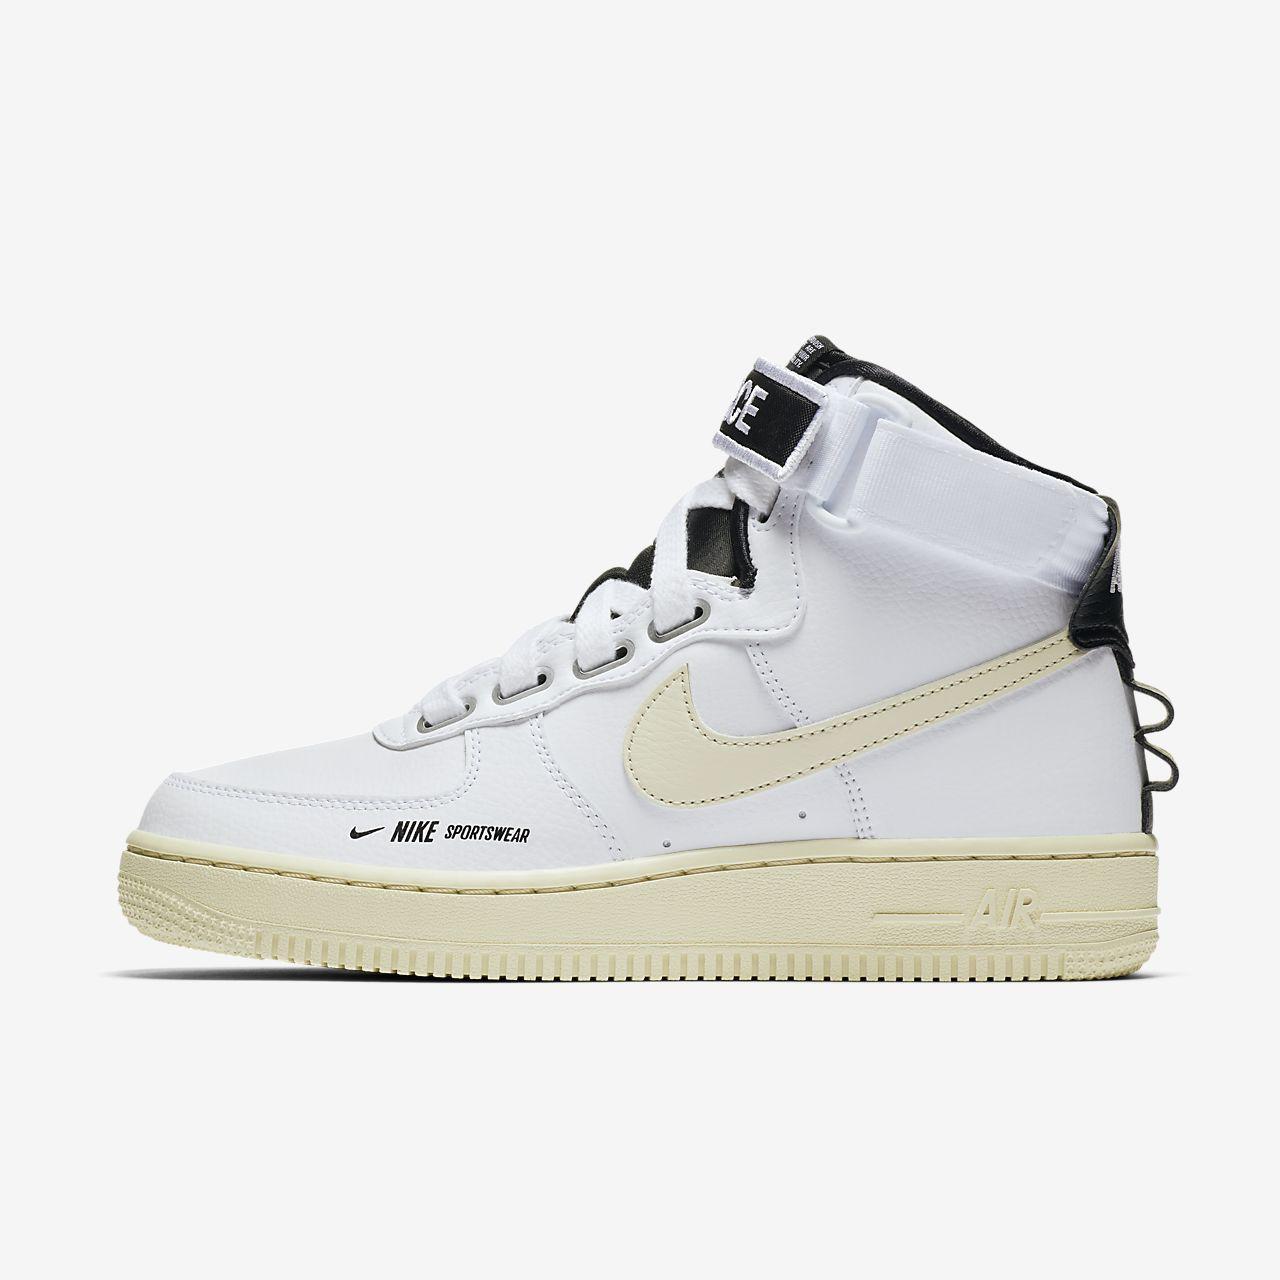 NikeAF1 HI UT女子运动鞋